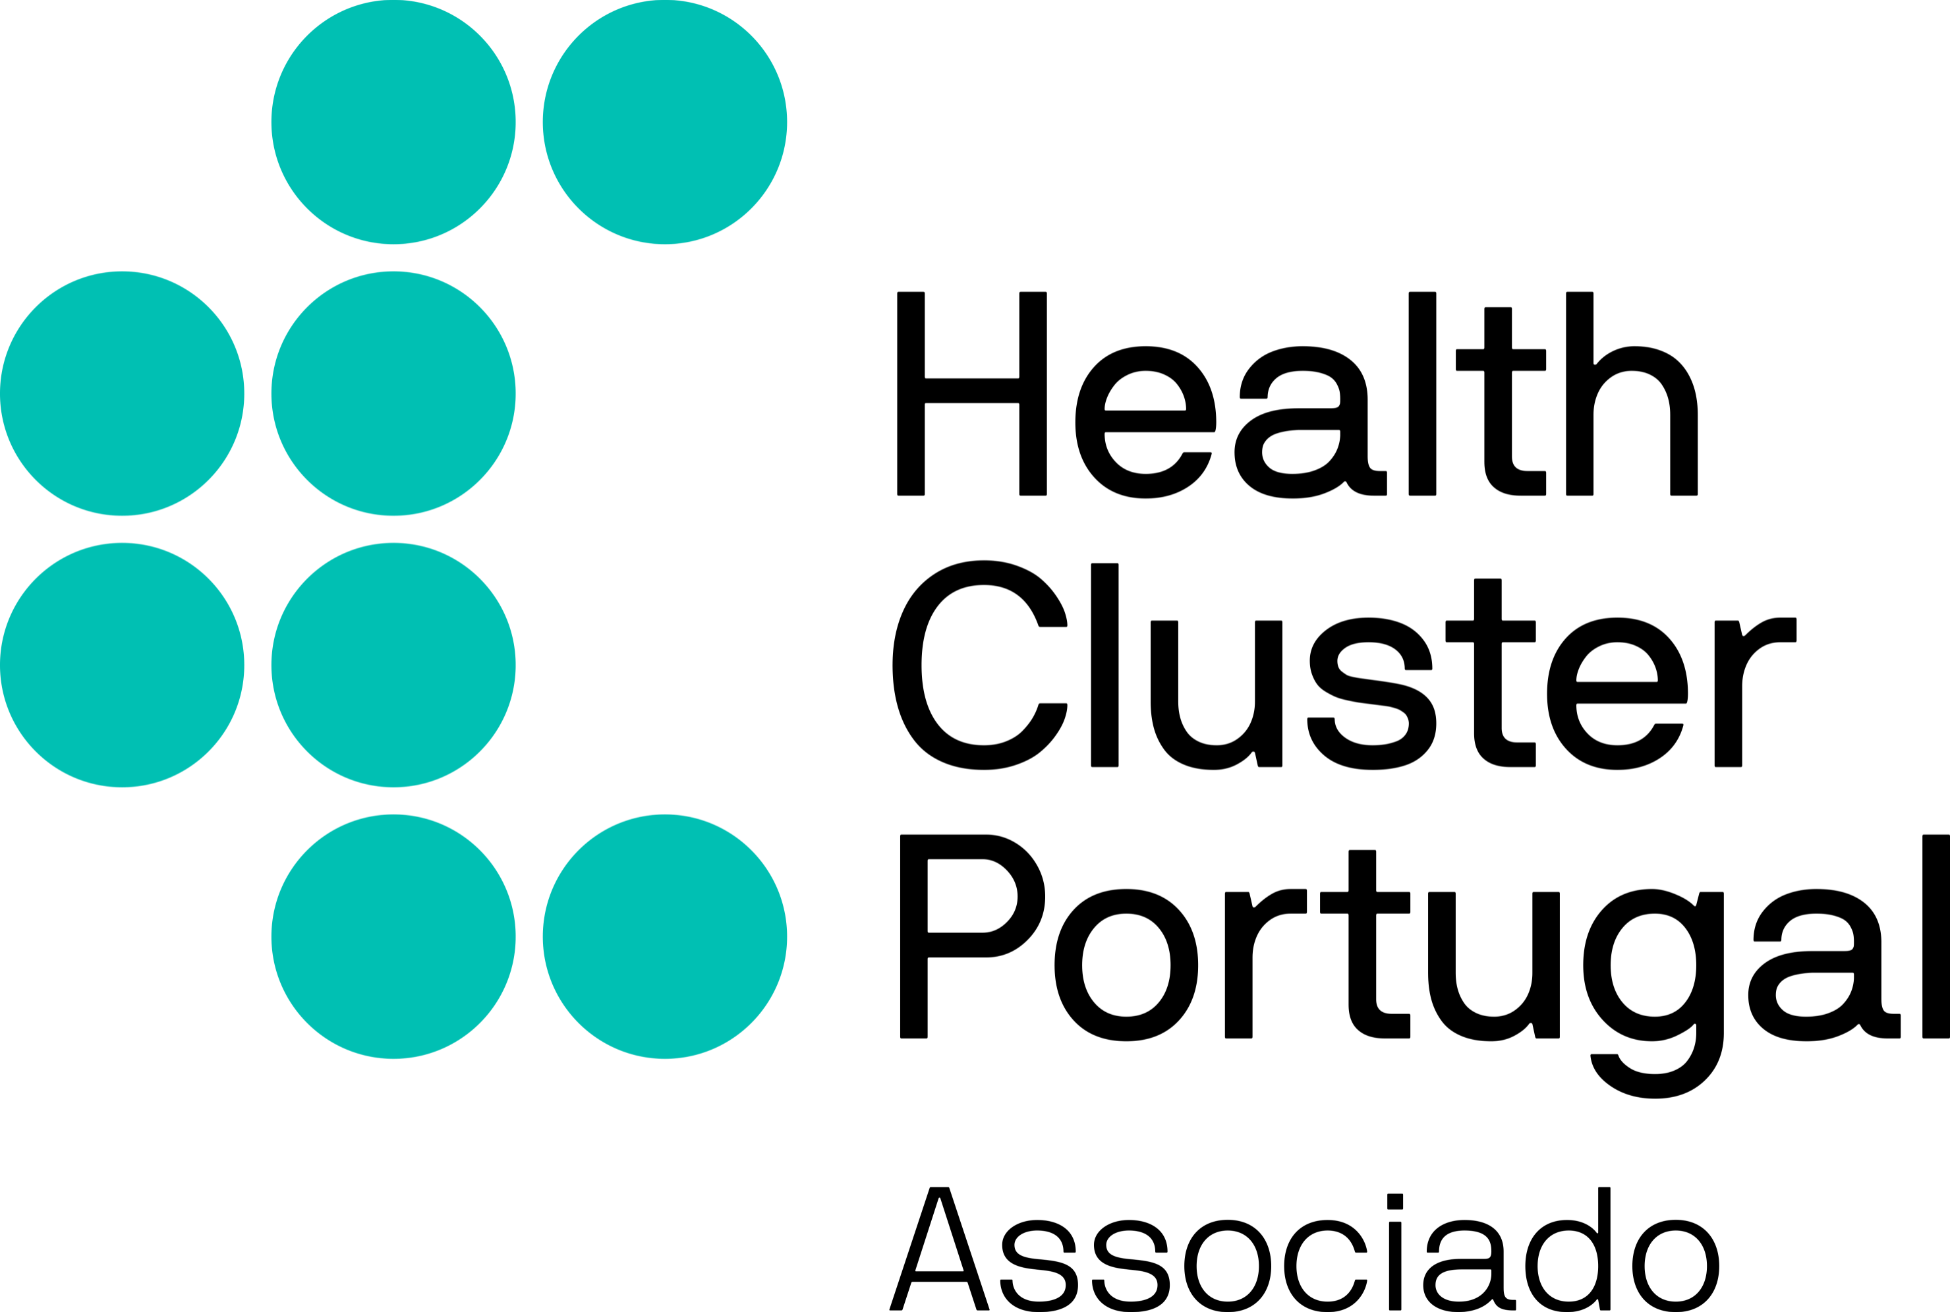 Hcp logotipos associado cor